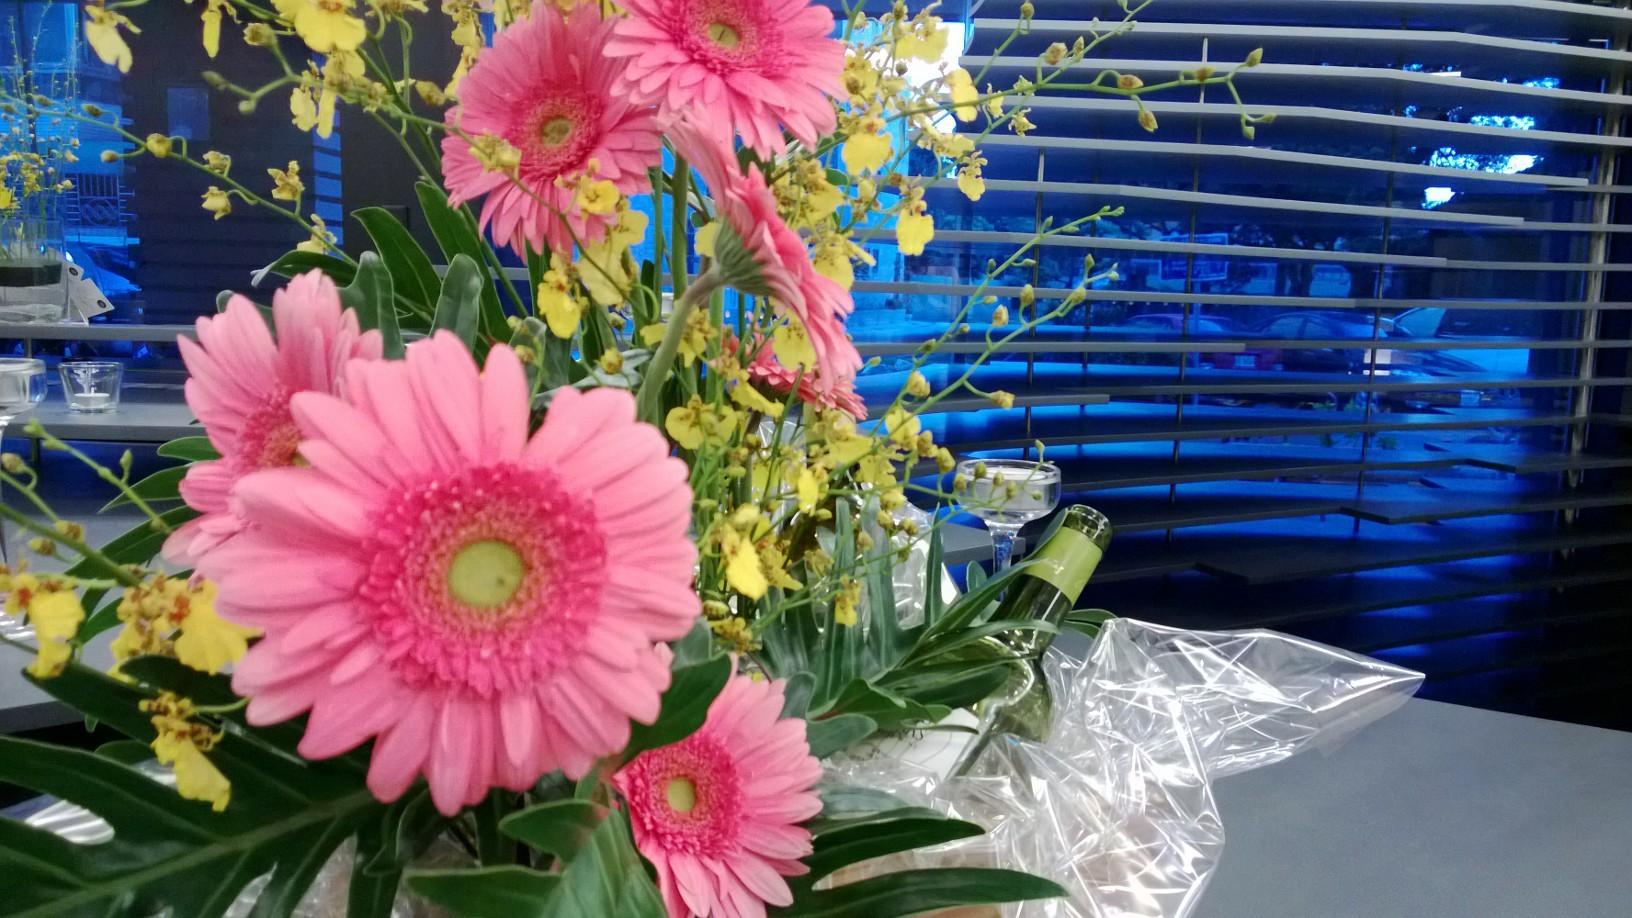 Bistro in flower